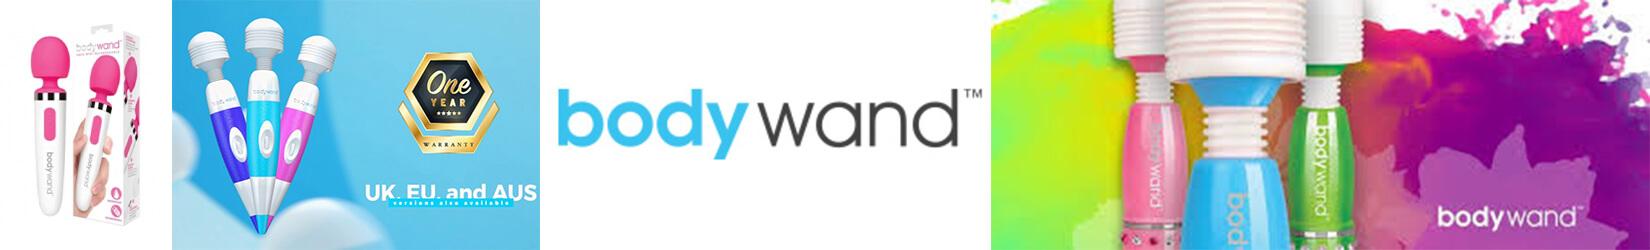 bodywand massagers, massager, magic wand, body wand australia, warranty, wands